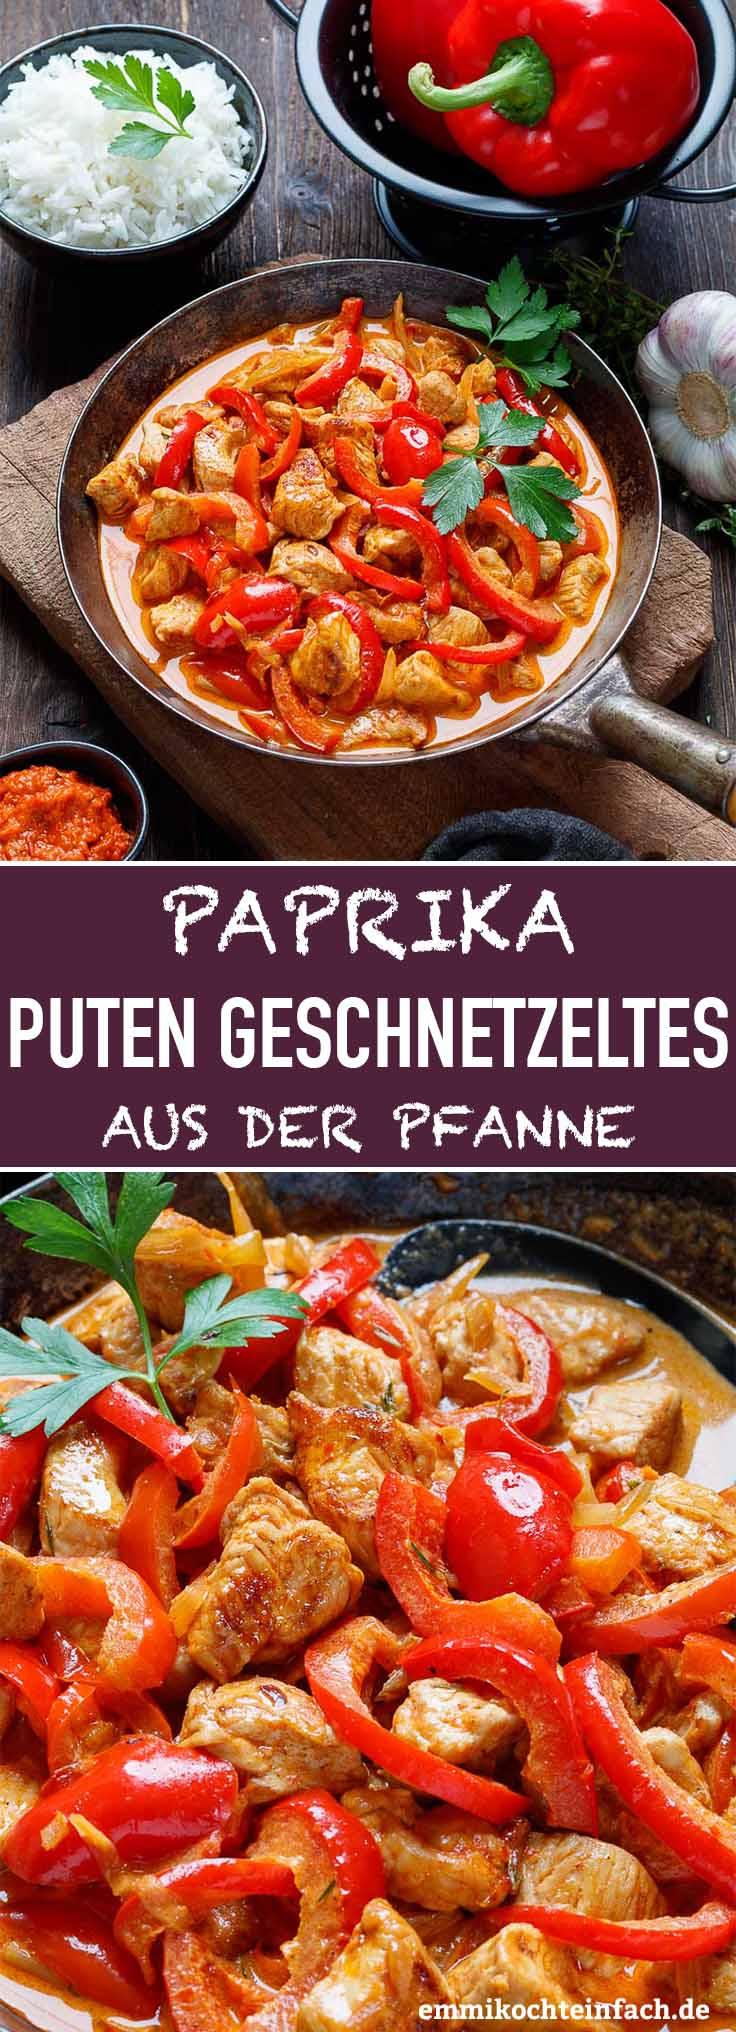 Paprika Putengeschnetzeltes aus der Pfanne - www.emmikochteinfach.de